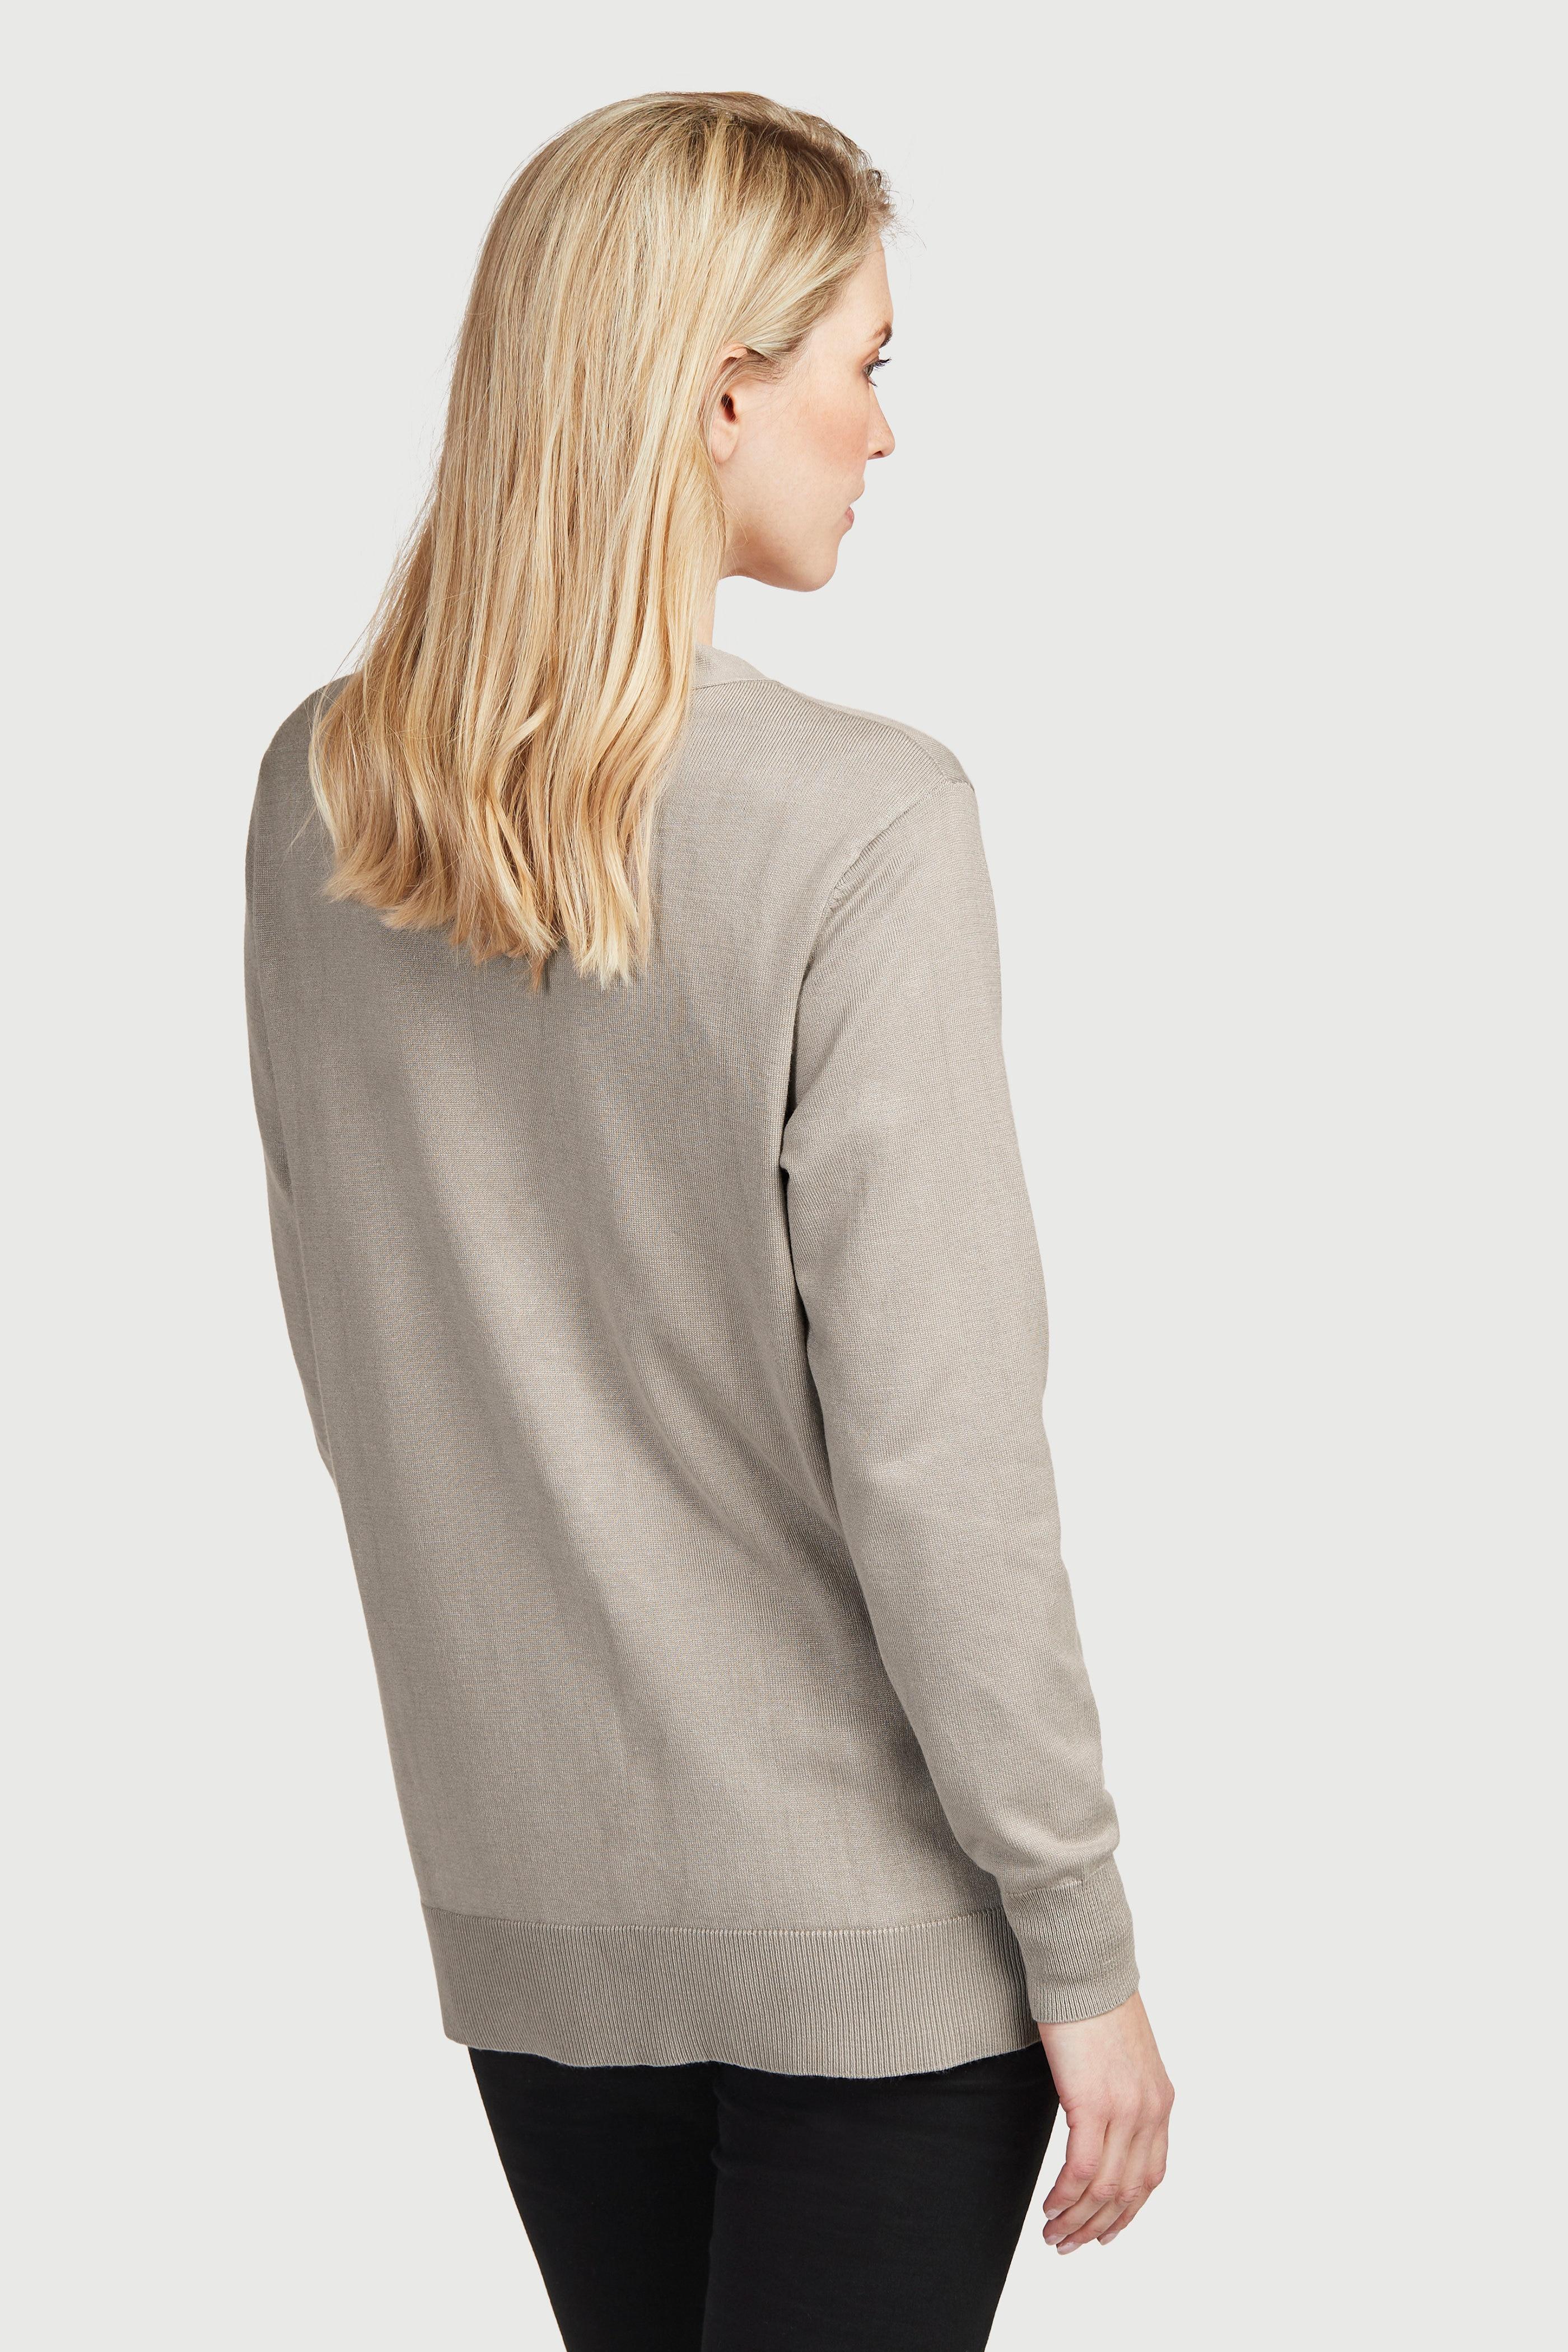 Cienko dziany rozpinany sweter z dekoltem w serek i guzikami